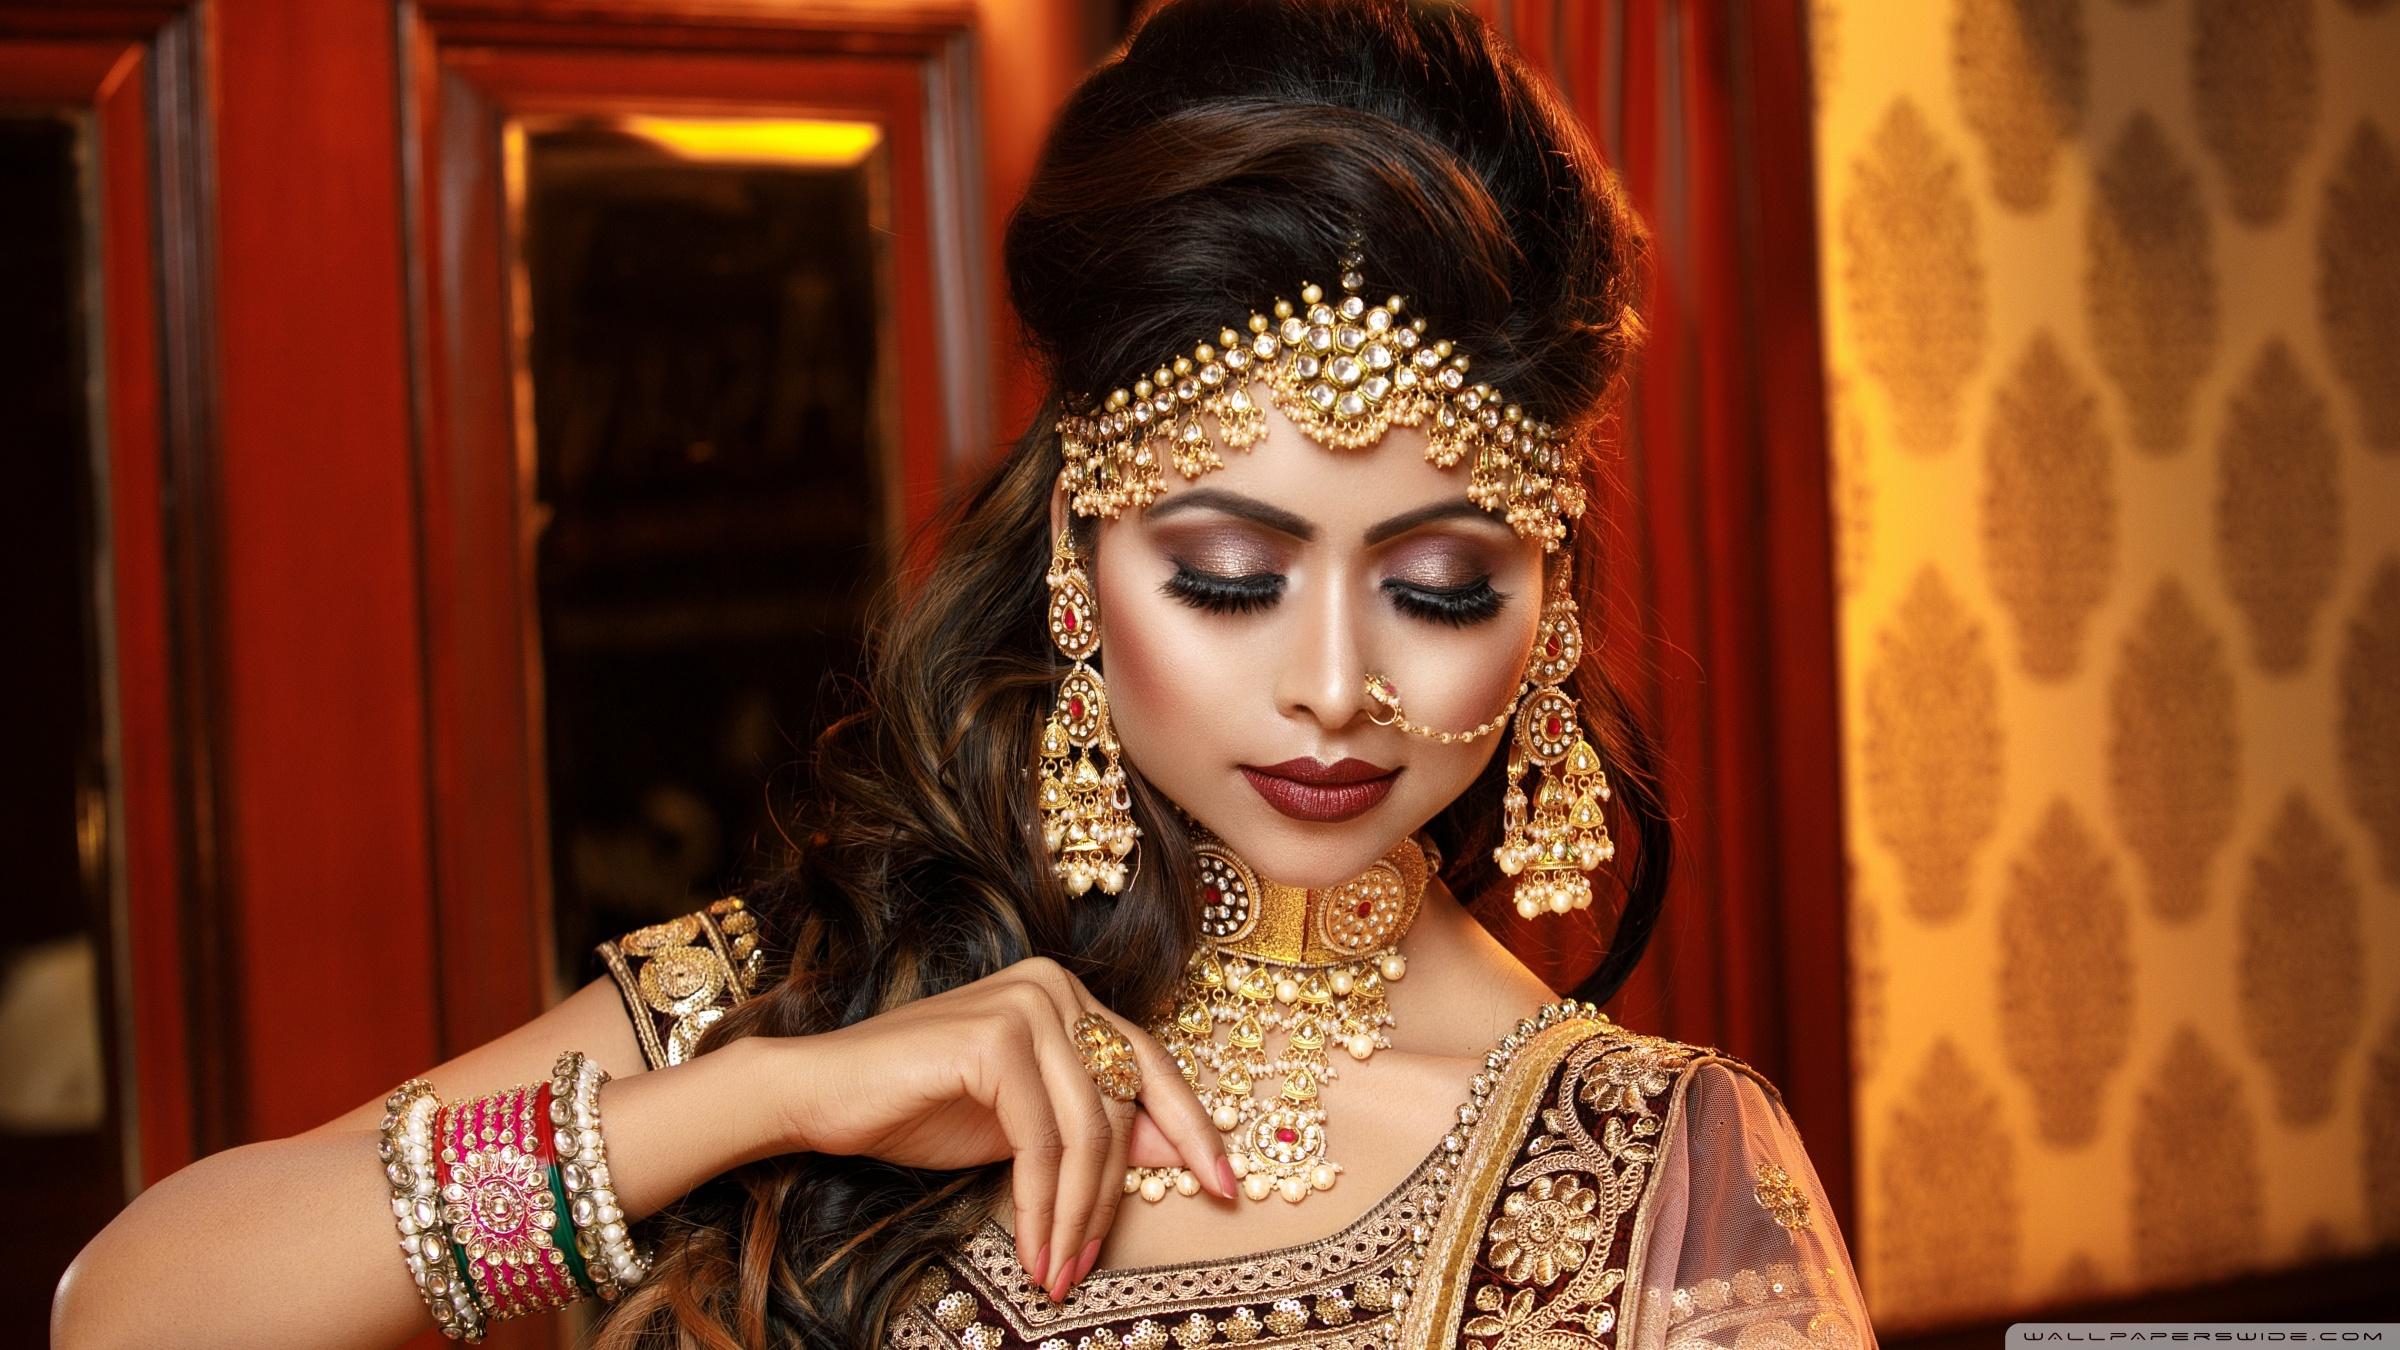 Beautiful Indian Girl Hd , HD Wallpaper & Backgrounds